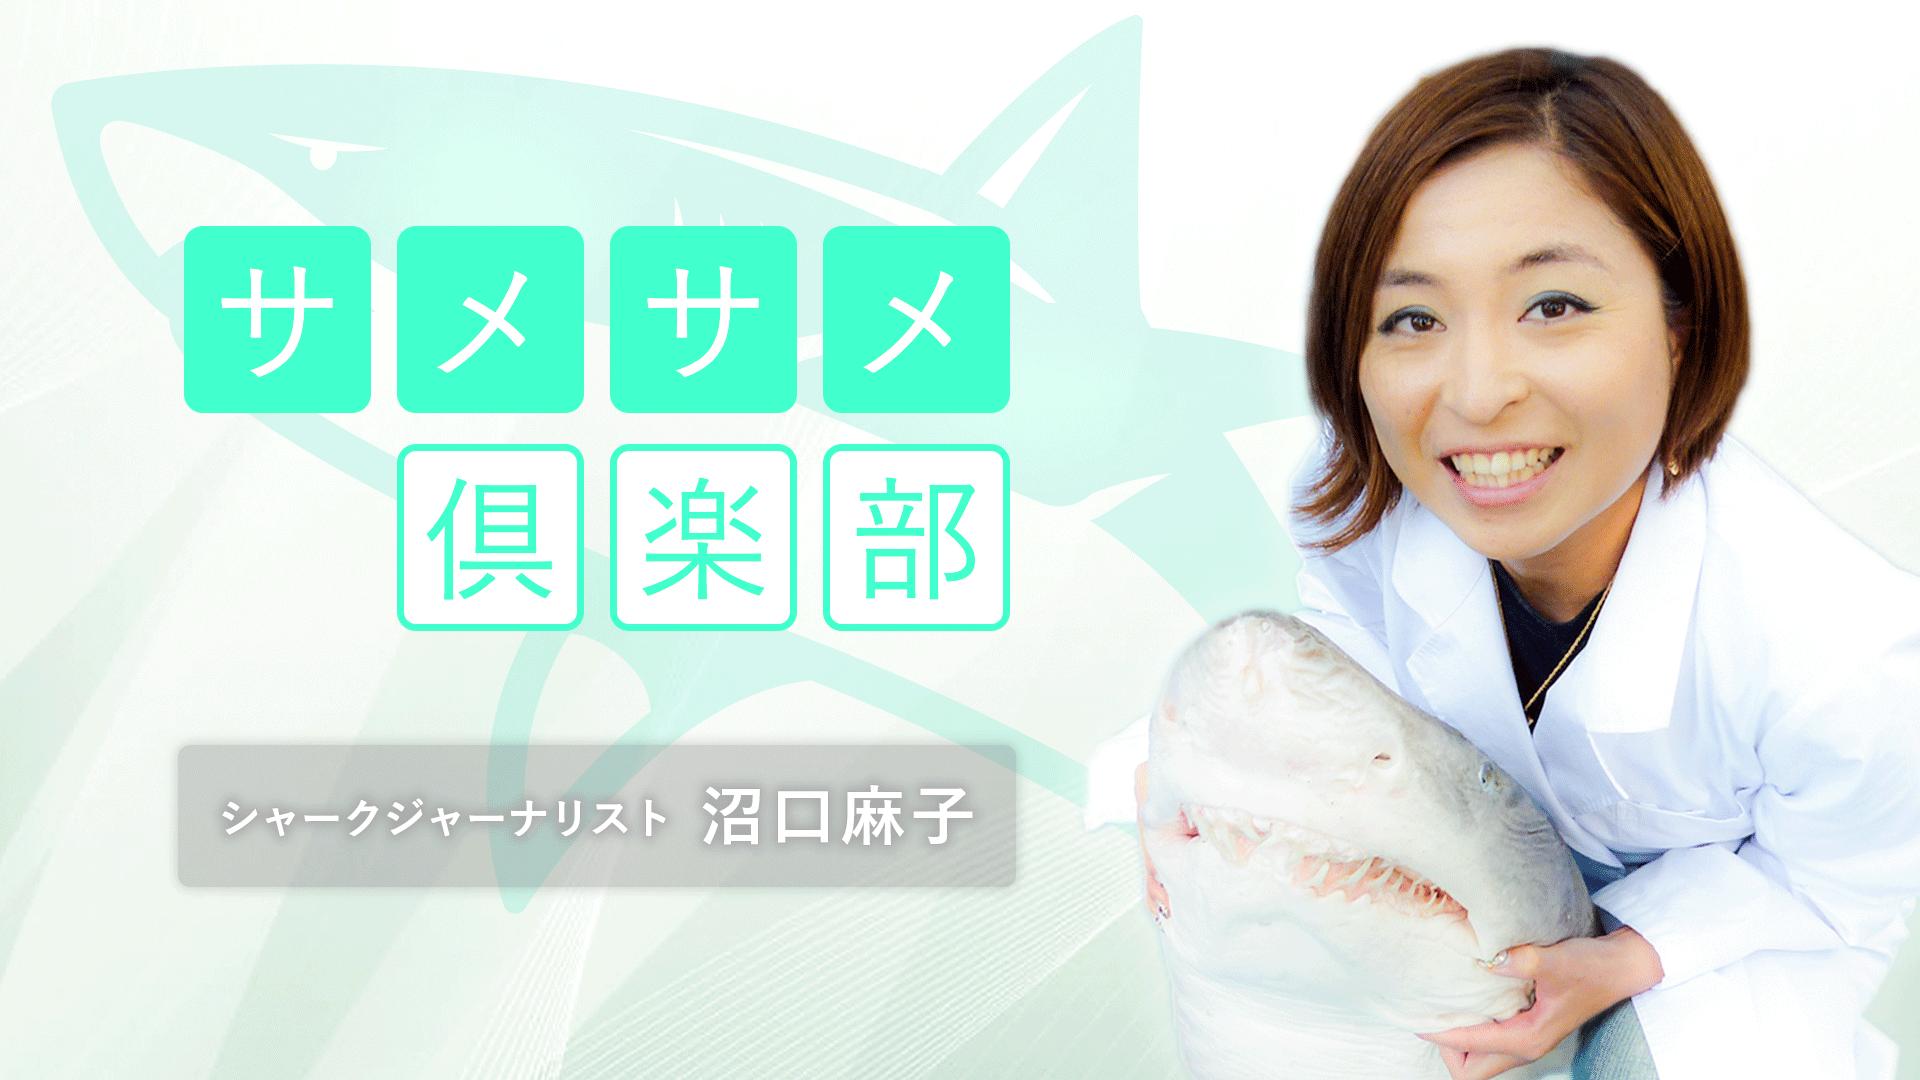 沼口麻子(ぬまぐち あさこ) - シャークジャーナリスト沼口麻子の「サメサメ倶楽部」 - DMM オンラインサロン